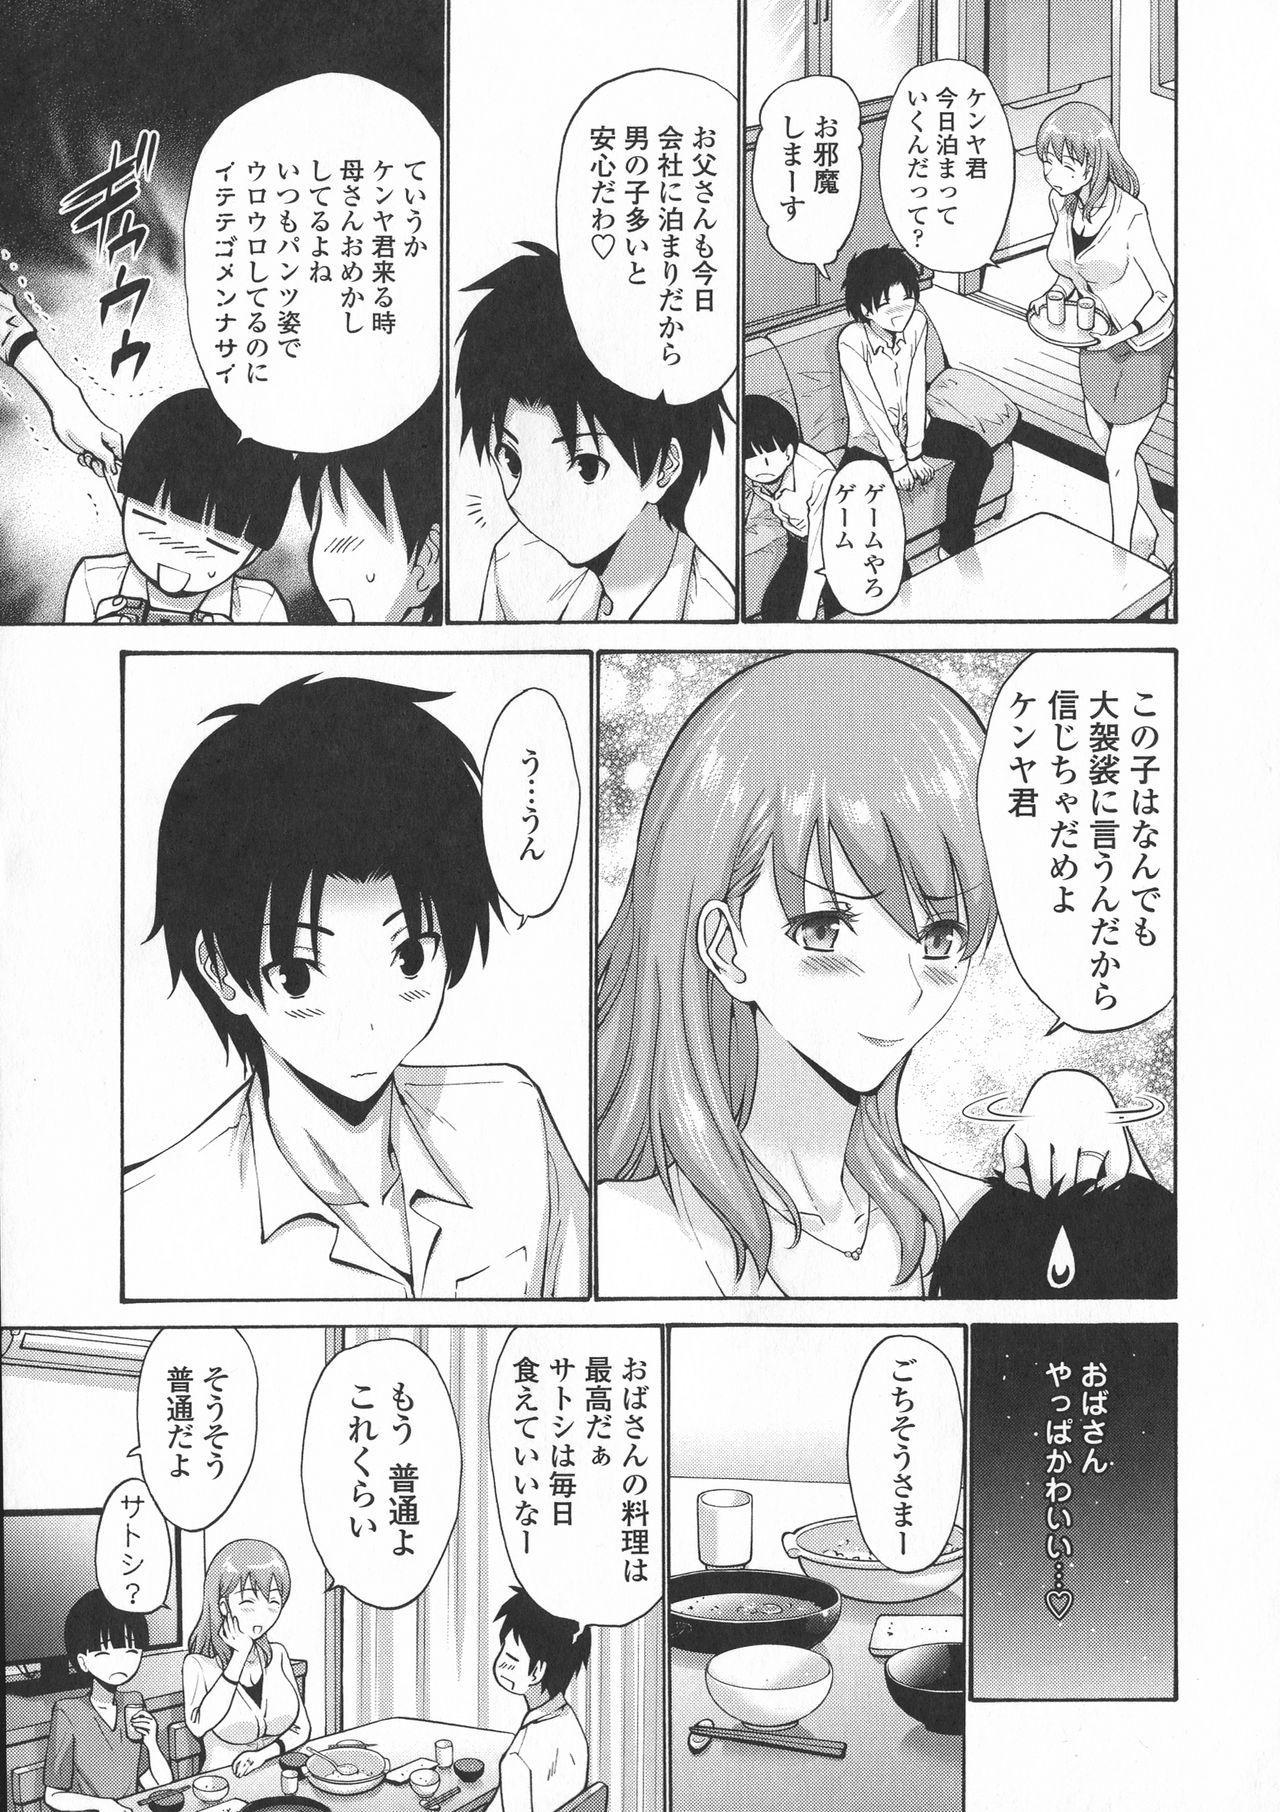 Tomodachi no Haha wa Boku no Mono - His Mother is My Love Hole 10